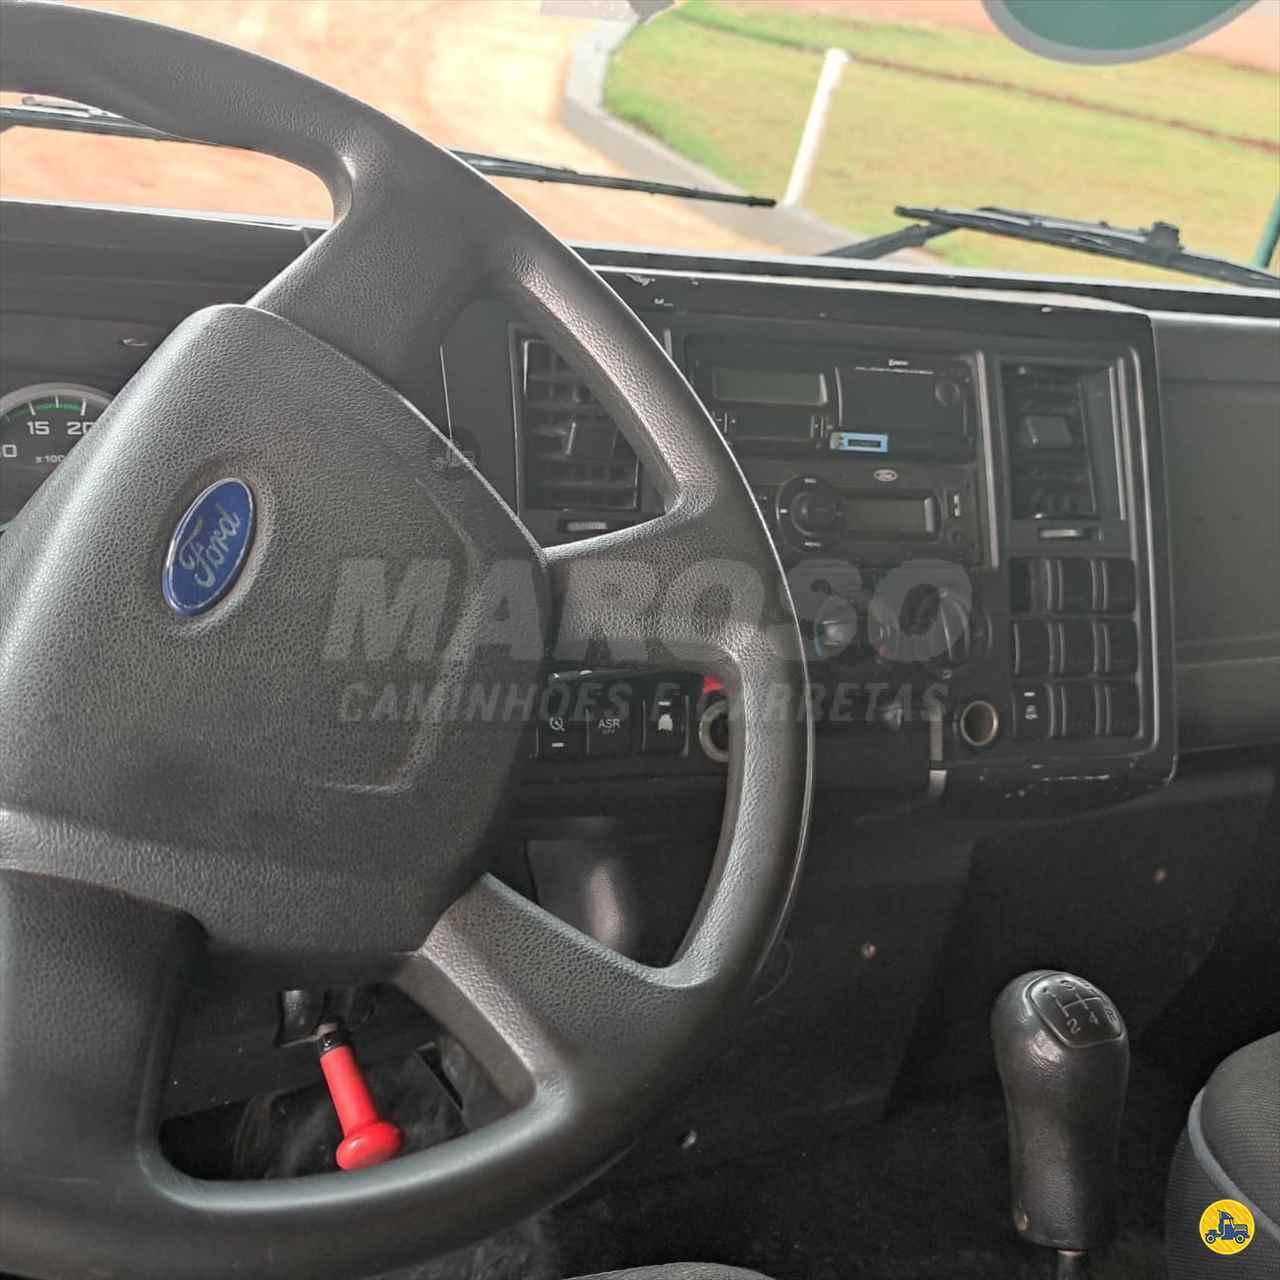 CARGO 1119 de Maroso Caminhões - PALOTINA/PR